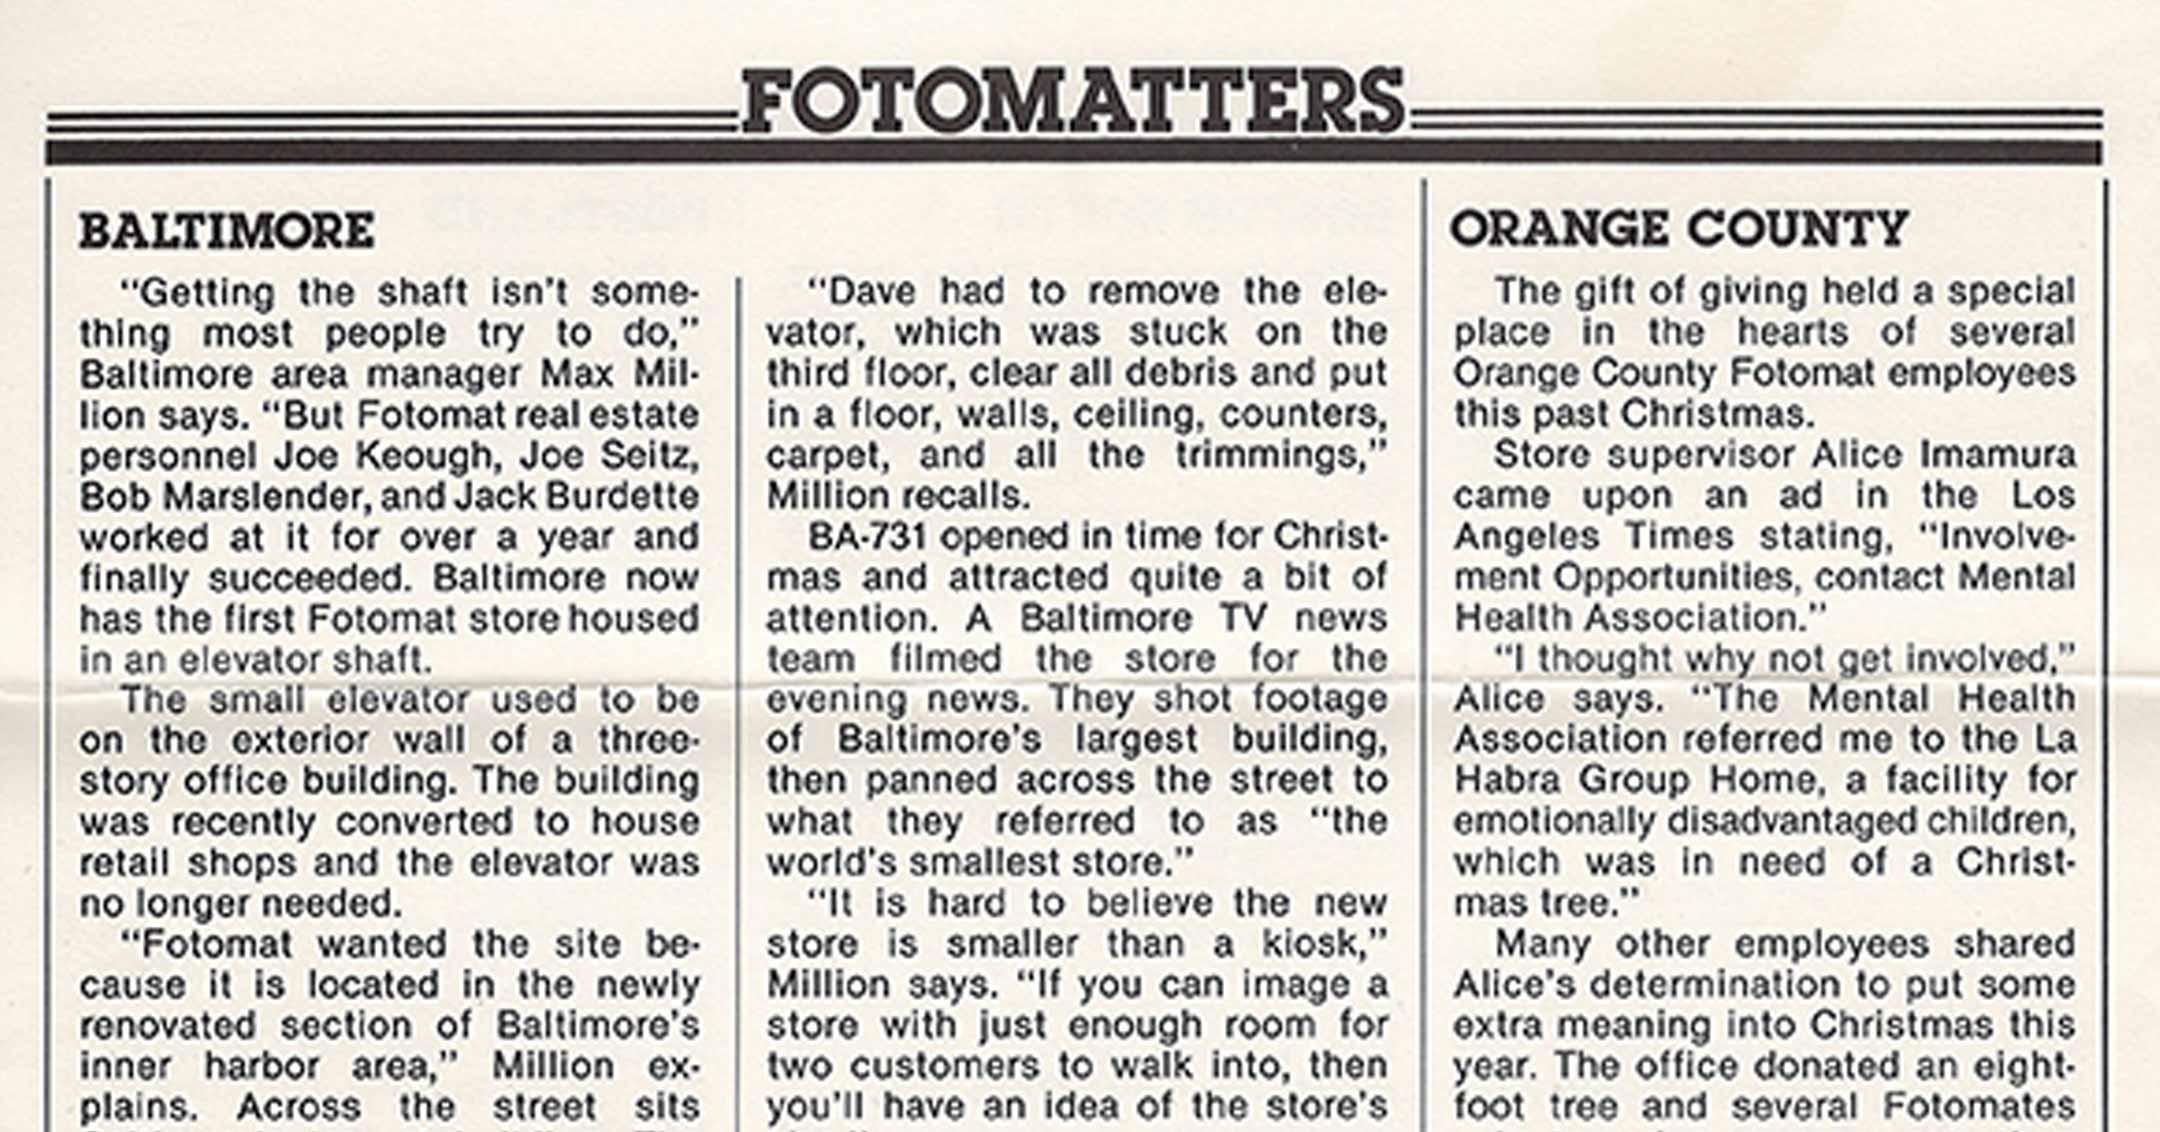 1977 Fotomat Newsletter